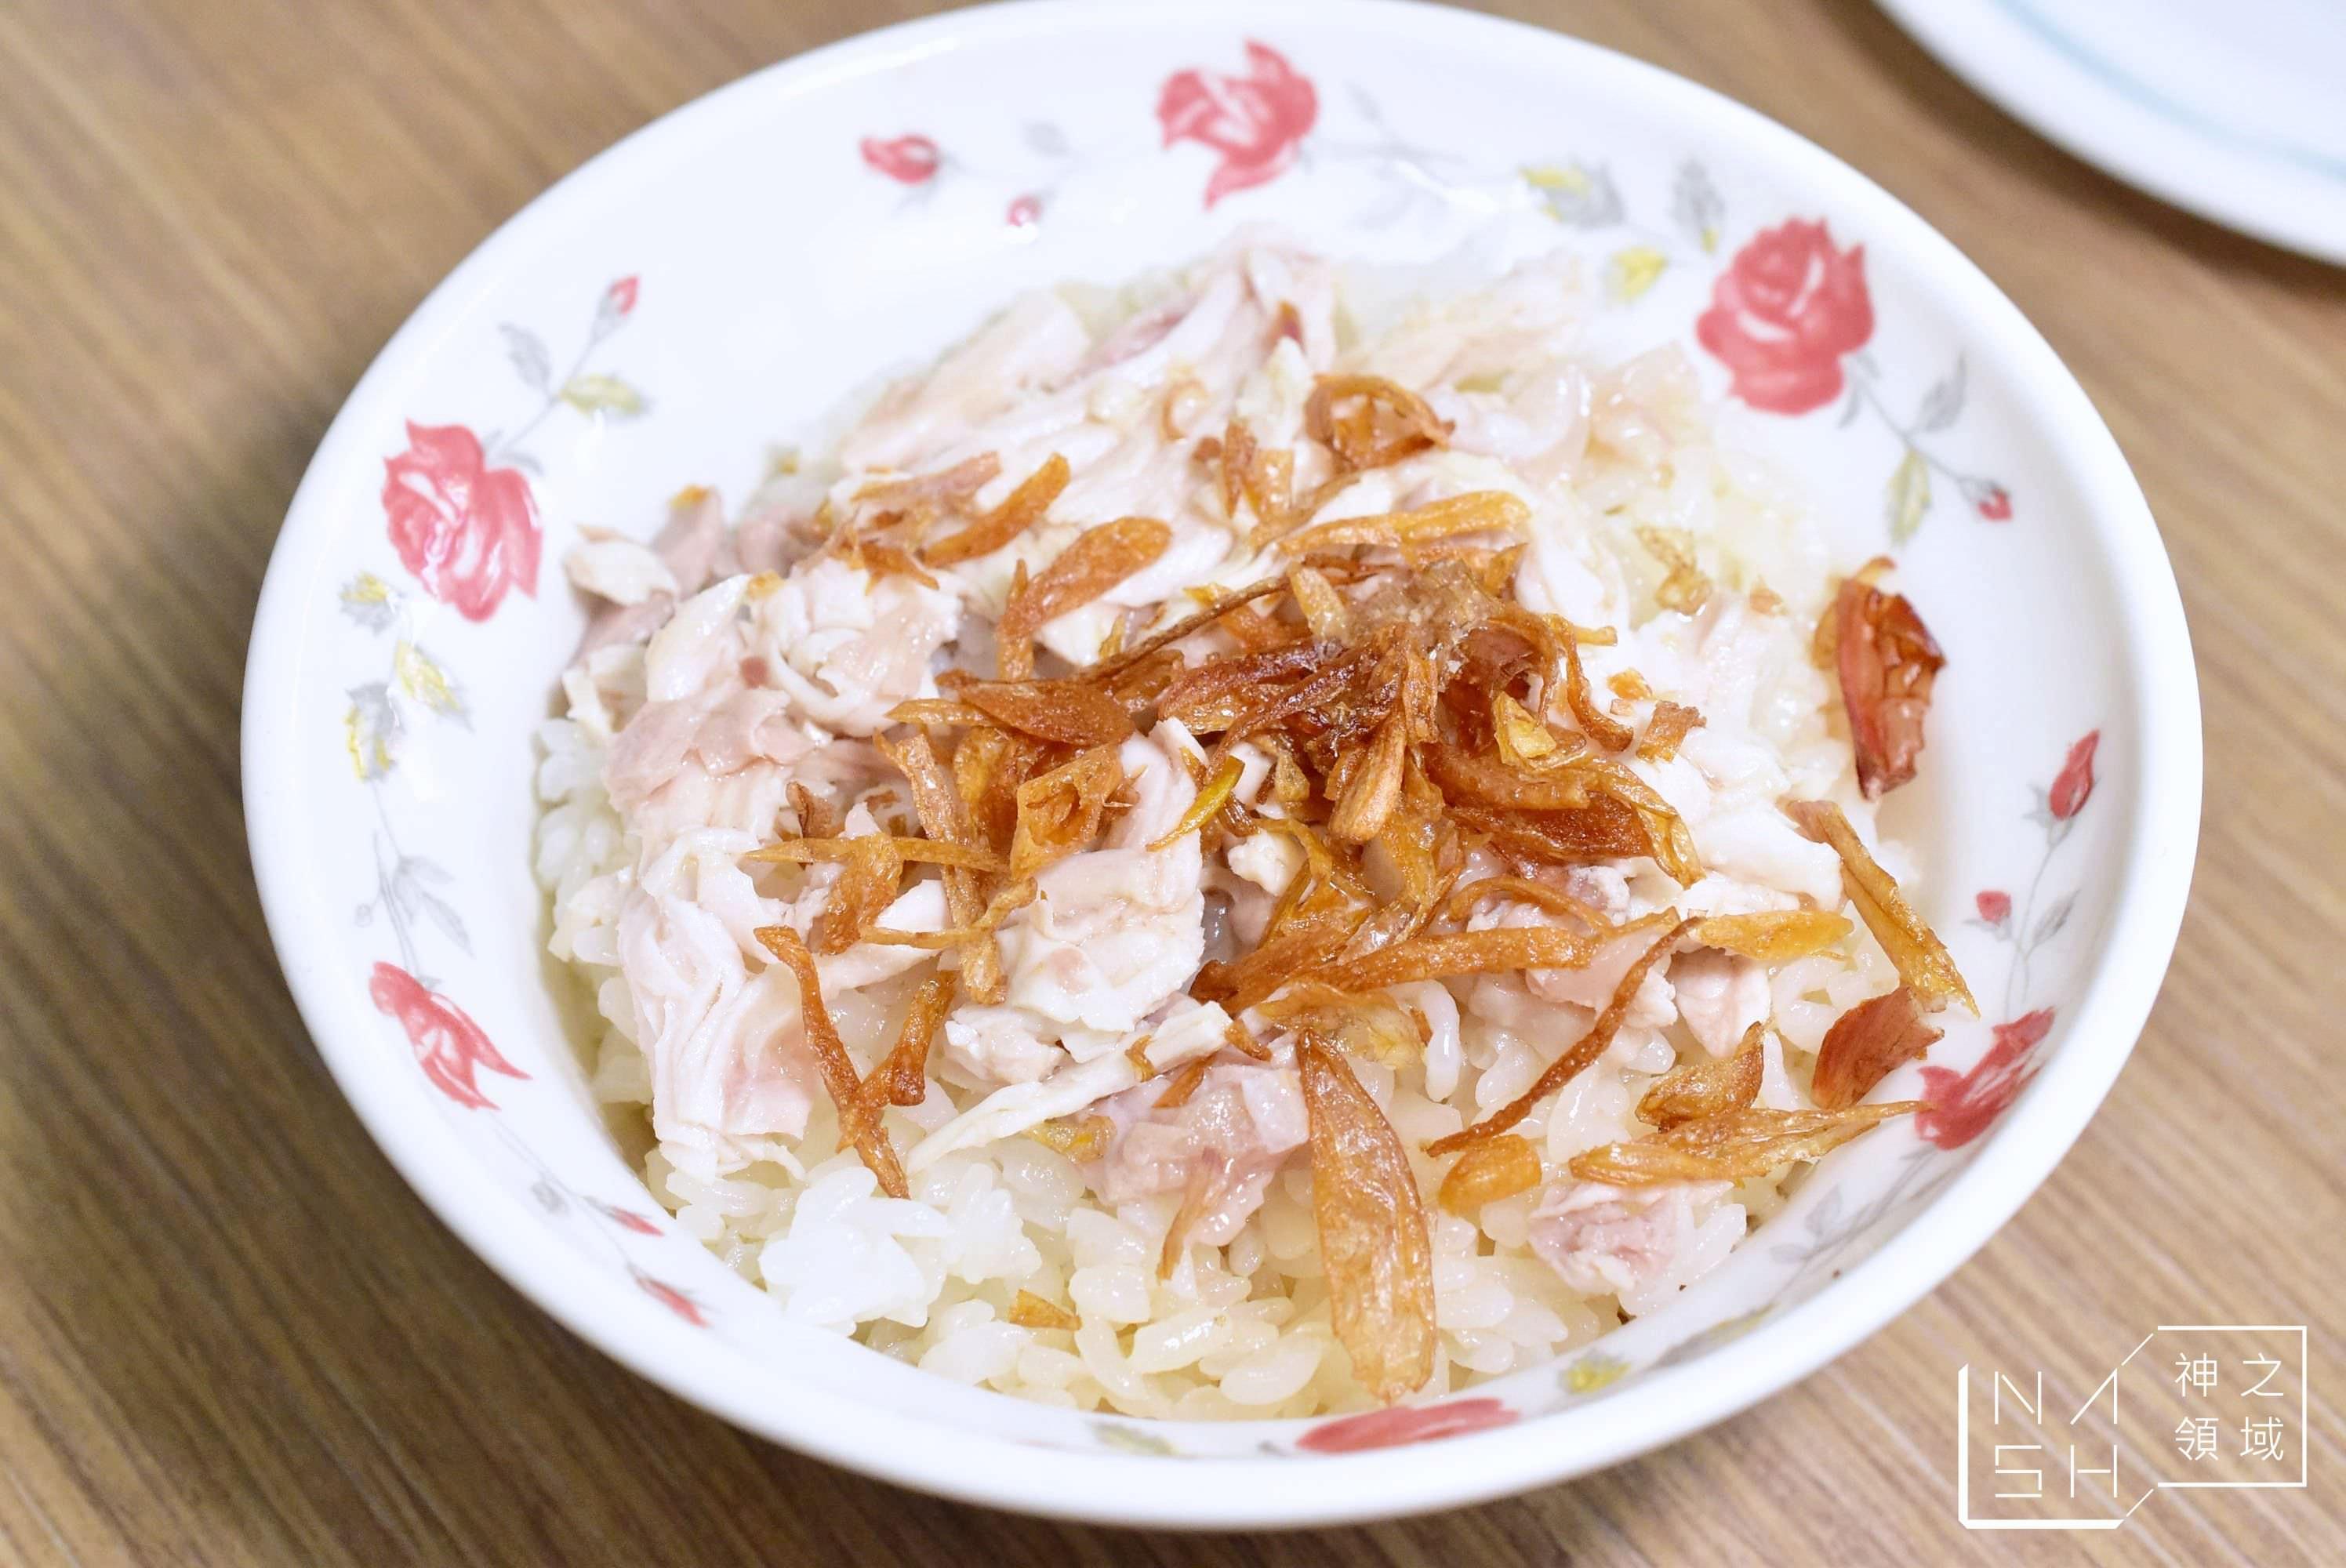 嘉義雞肉飯推薦|公園火雞肉飯 油蔥酥多到像是免錢 (菜單價錢)